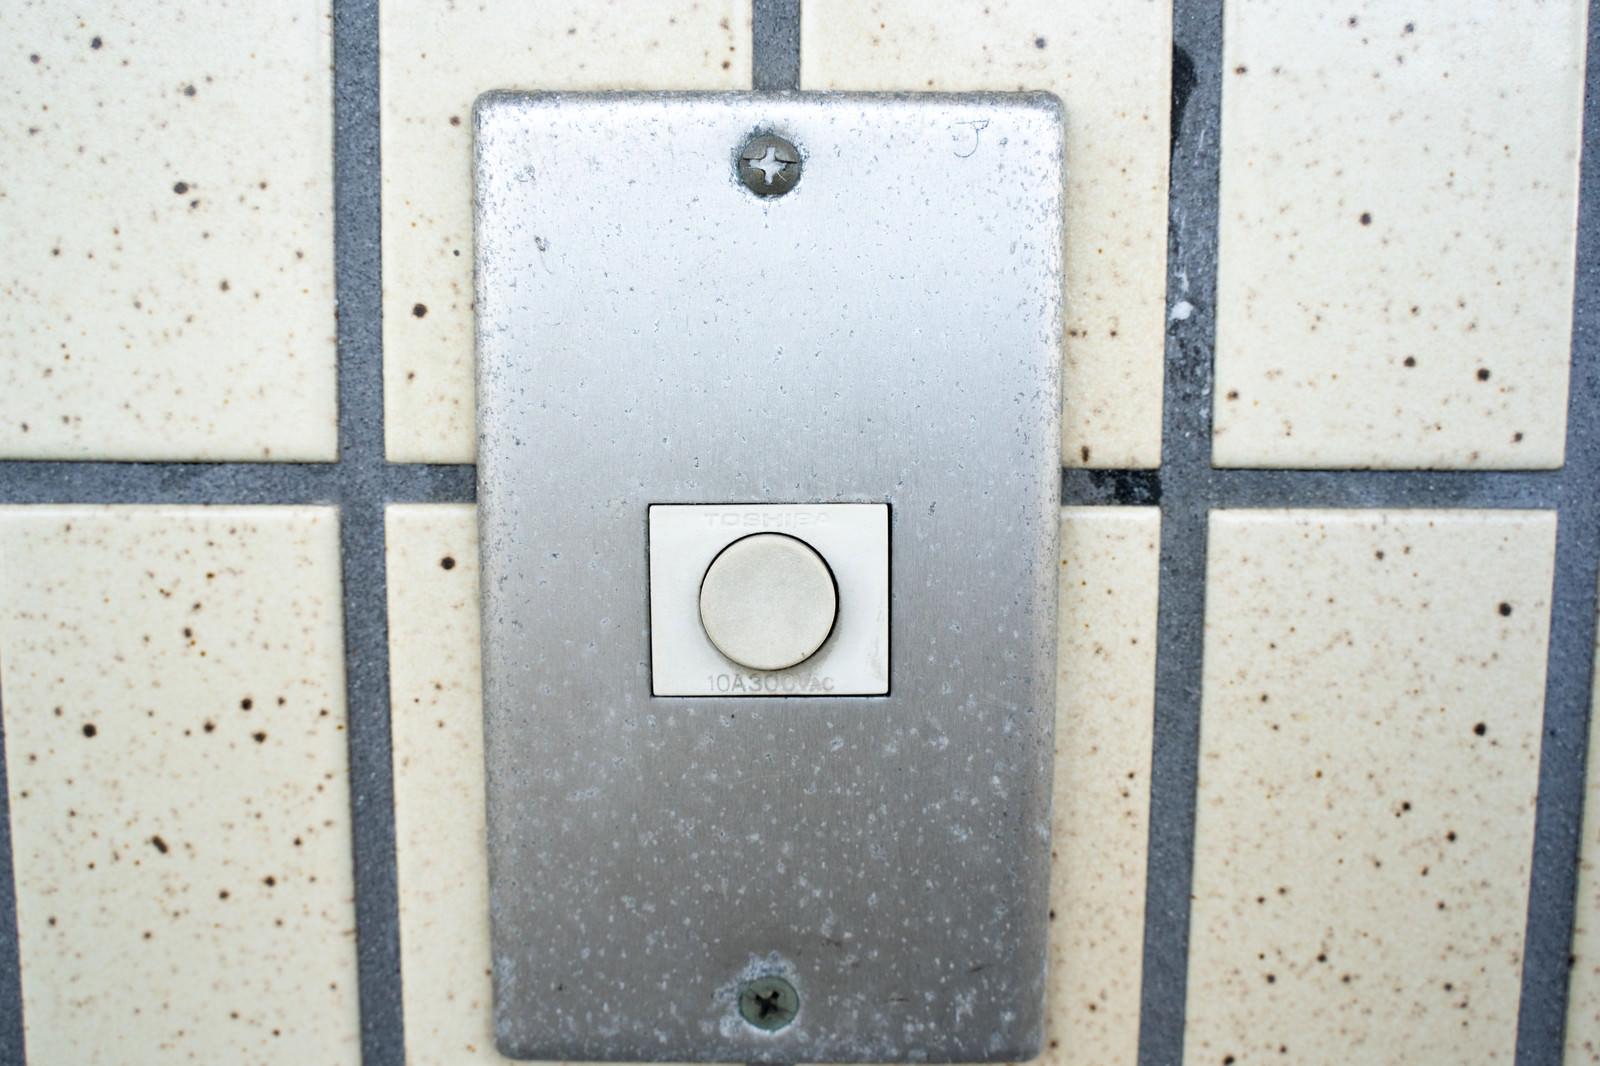 「玄関チャイムのマーキング(ア)ー「住人はアルバイト」」の写真